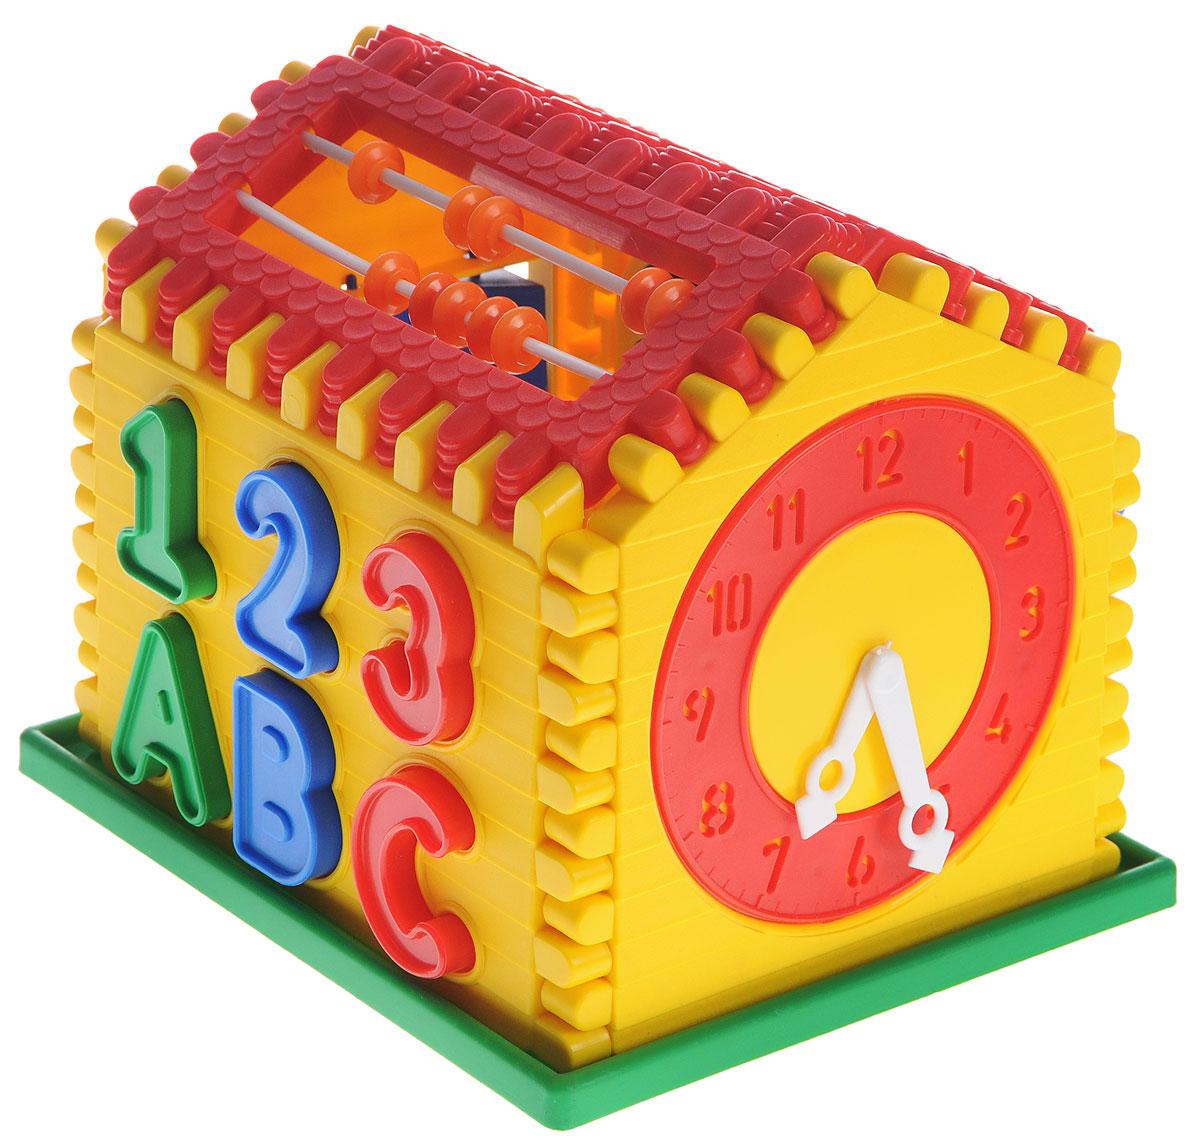 Волшебный городок Сортер Логический домЛДИгрушка-сортер Волшебный городок Логический дом сочетает в себе увлекательное обучение и настоящее веселье. Игрушка состоит из закрытого контейнера в форме домика, а в нем - прорези разной формы. В прорези нужно вставлять разные геометрические фигуры, цифры и буквы. Крыша домика выполнена в виде счет. С одного торца домика имеются часы с подвижными стрелками, с другого - треугольники, которые можно крутить. Сортер это незаменимая игрушка для всех малышей, которые уже активно познают мир и готовы начать изучение форм и цветов. В процессе такой игры малыш начнет развивать логическое и пространственное мышление, познакомится с понятием формы предмета и понятием соответствия предметов одного другому.